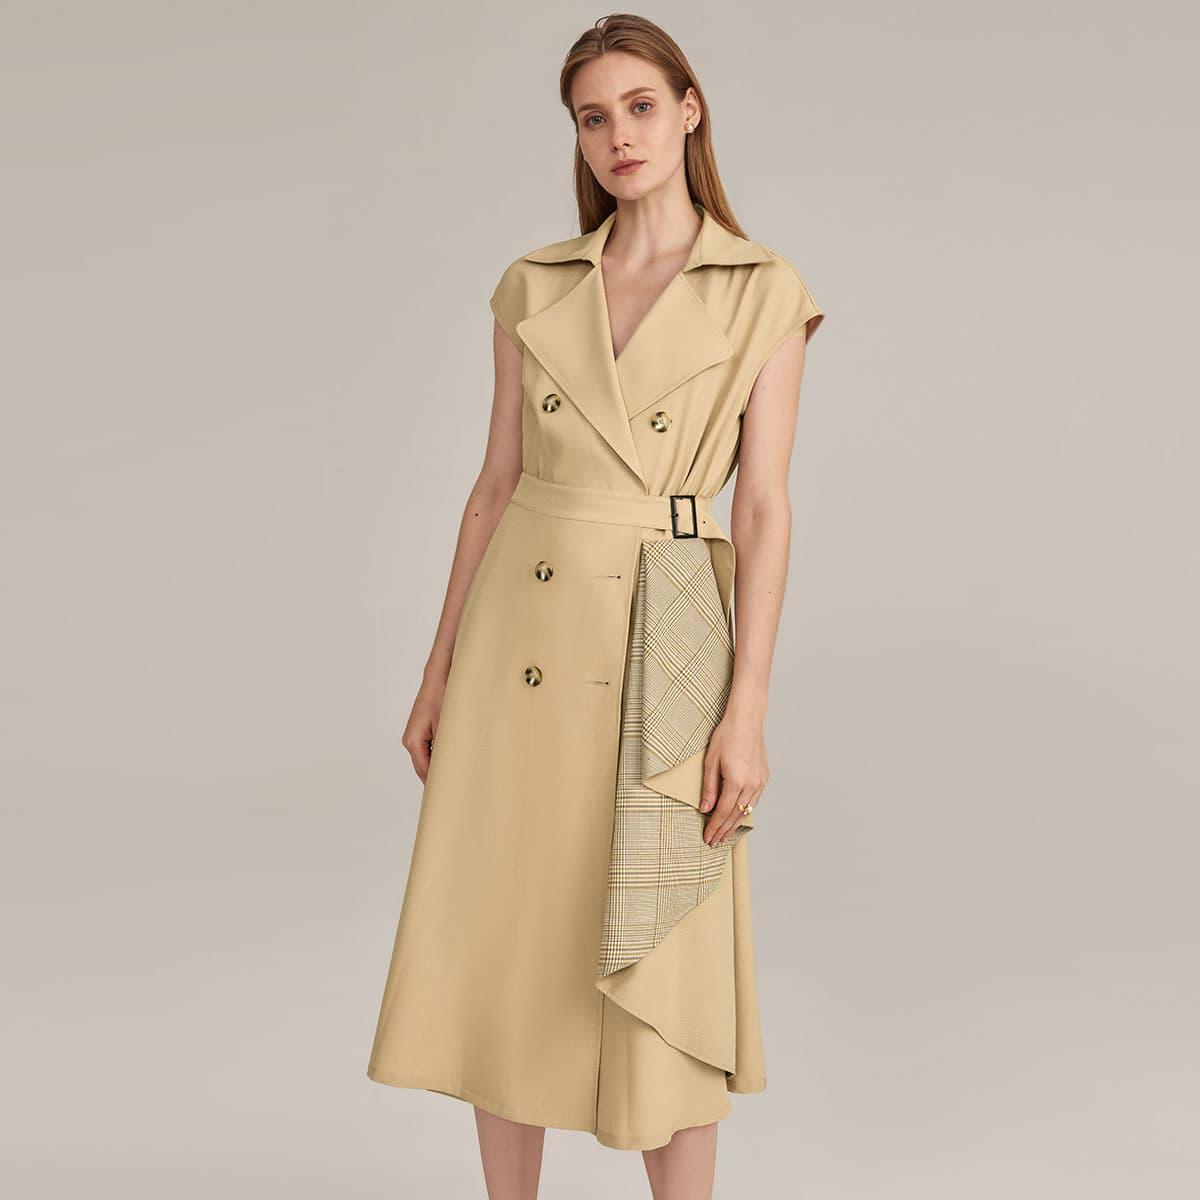 Kleid mit eingekerbtem Kragen, Karo Muster, Schnalle und Gürtel